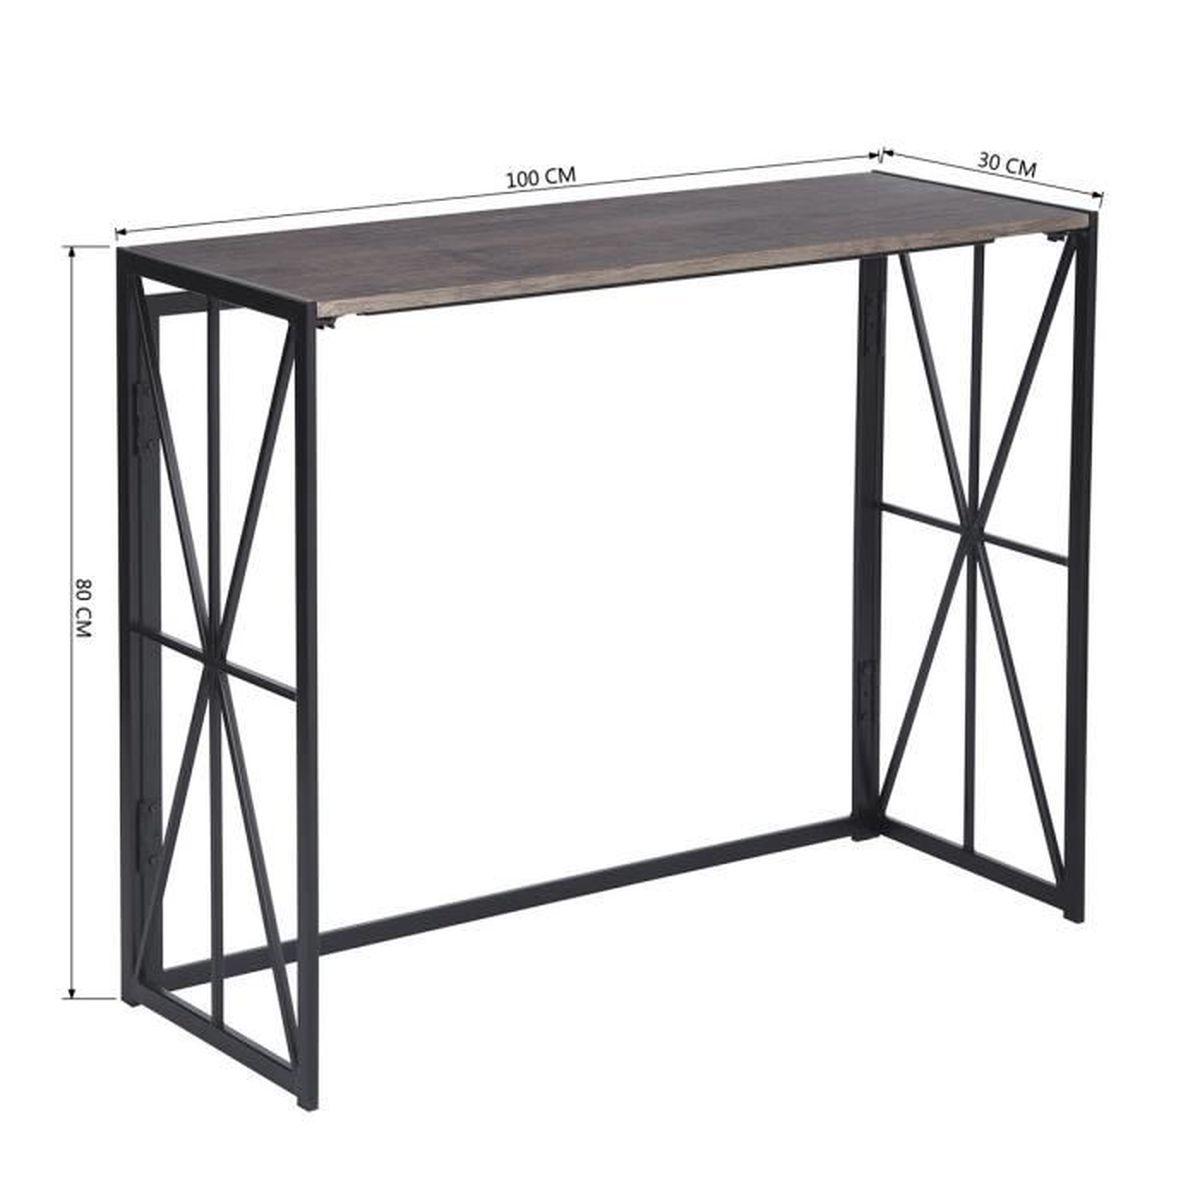 Ossature Métallique Pour Terrasse Bois incroyable pliable pupitre en métal en bois pupitre de structure en métal  pour le balcon et la terrasse du salon table de bureau